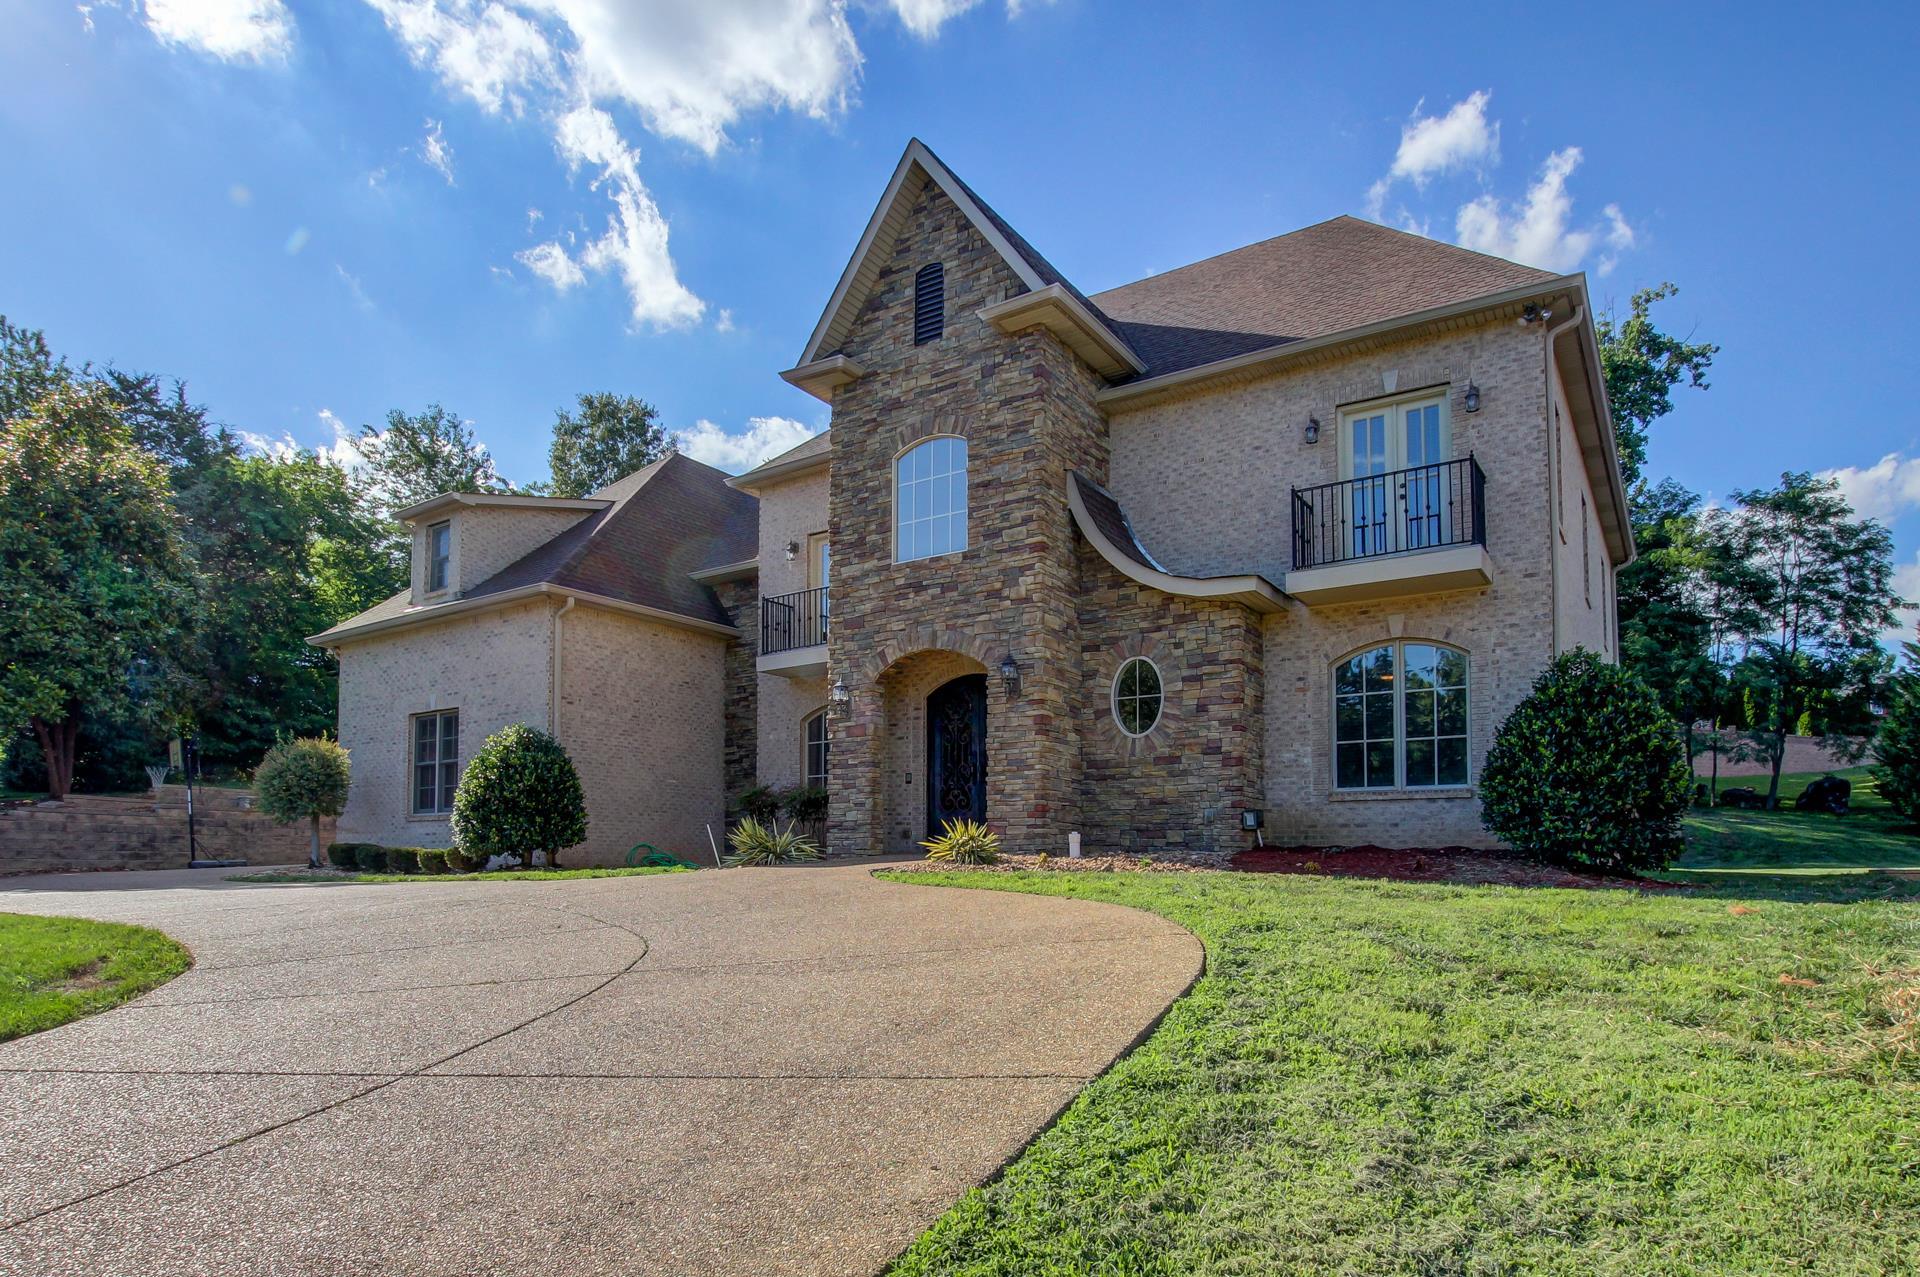 801 salisbury way clarksville tn 37043 1083039941 for Clarksville tn home builders